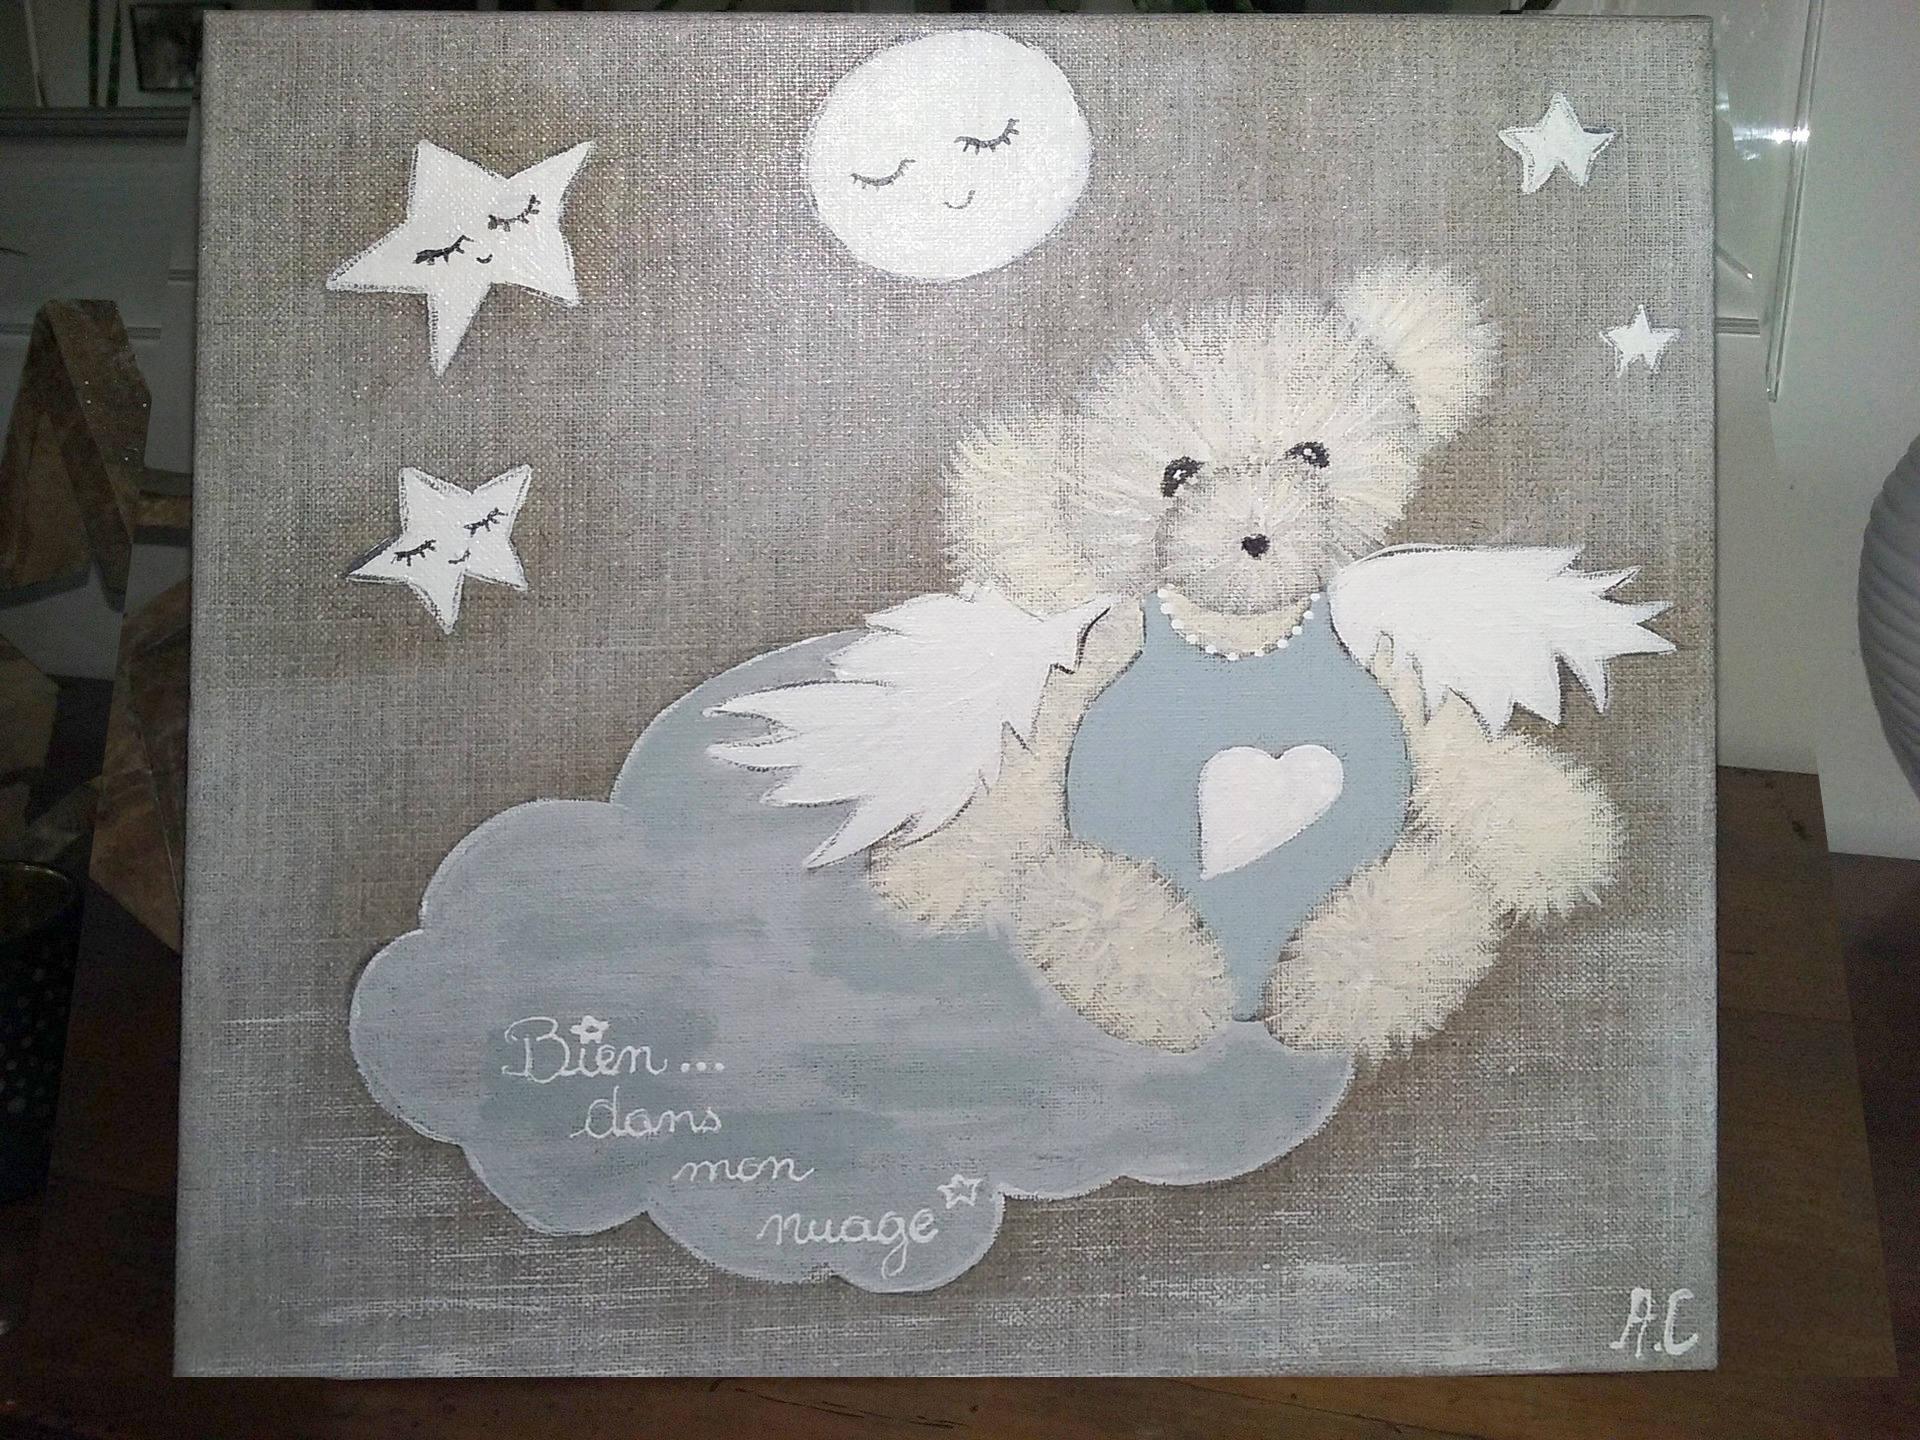 Tableau Peinture Décoratif Pour Chambre D'enfant tout Tableau De Peinture Pour Enfant